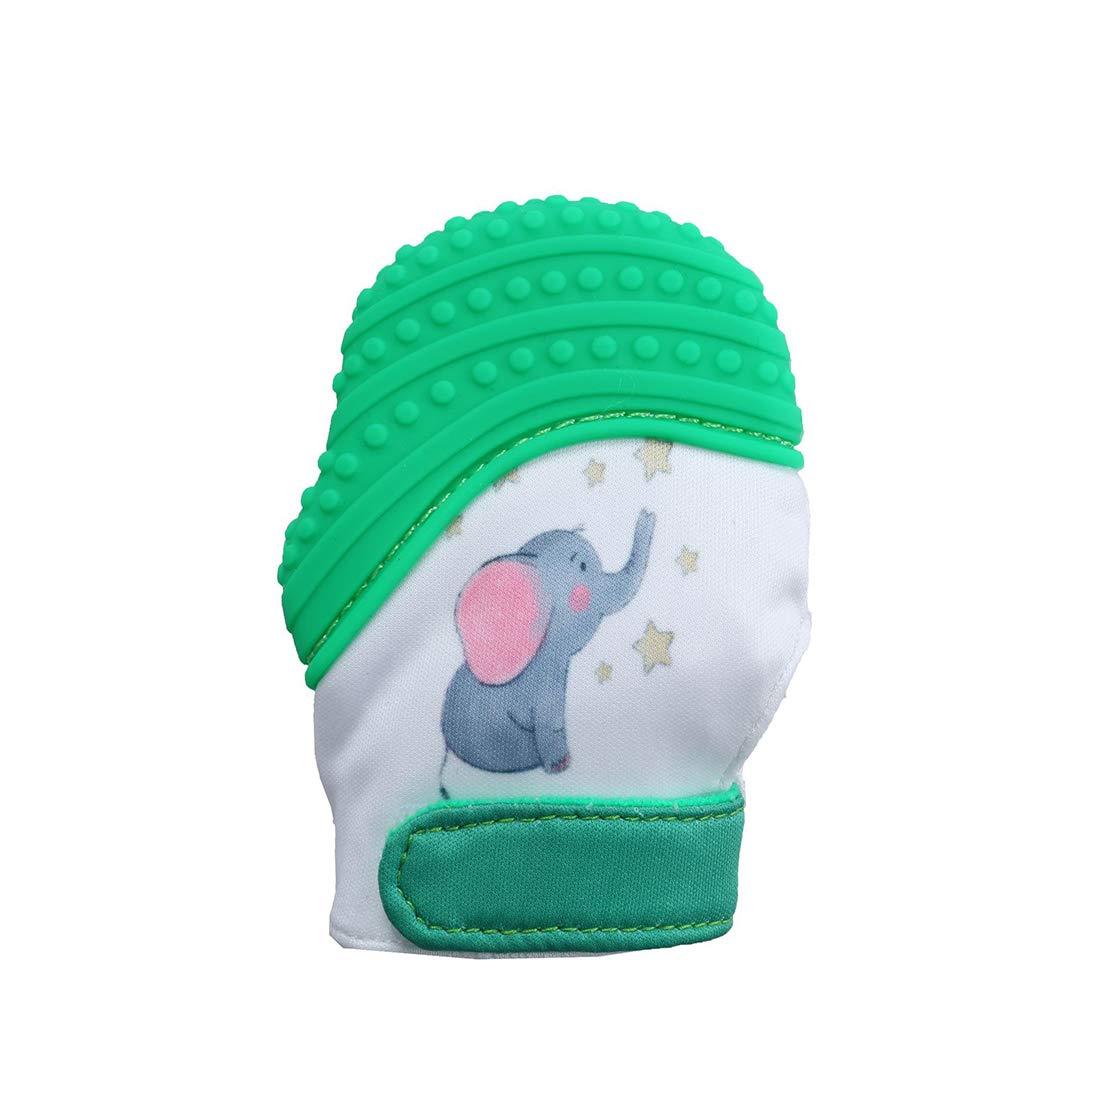 VIVO SUN Moufle de Dentition Sans BPA pour Bébé 3 à 12 Mois Gant Jouet en Silicone Qualité Alimentaire - Eléphant Rose